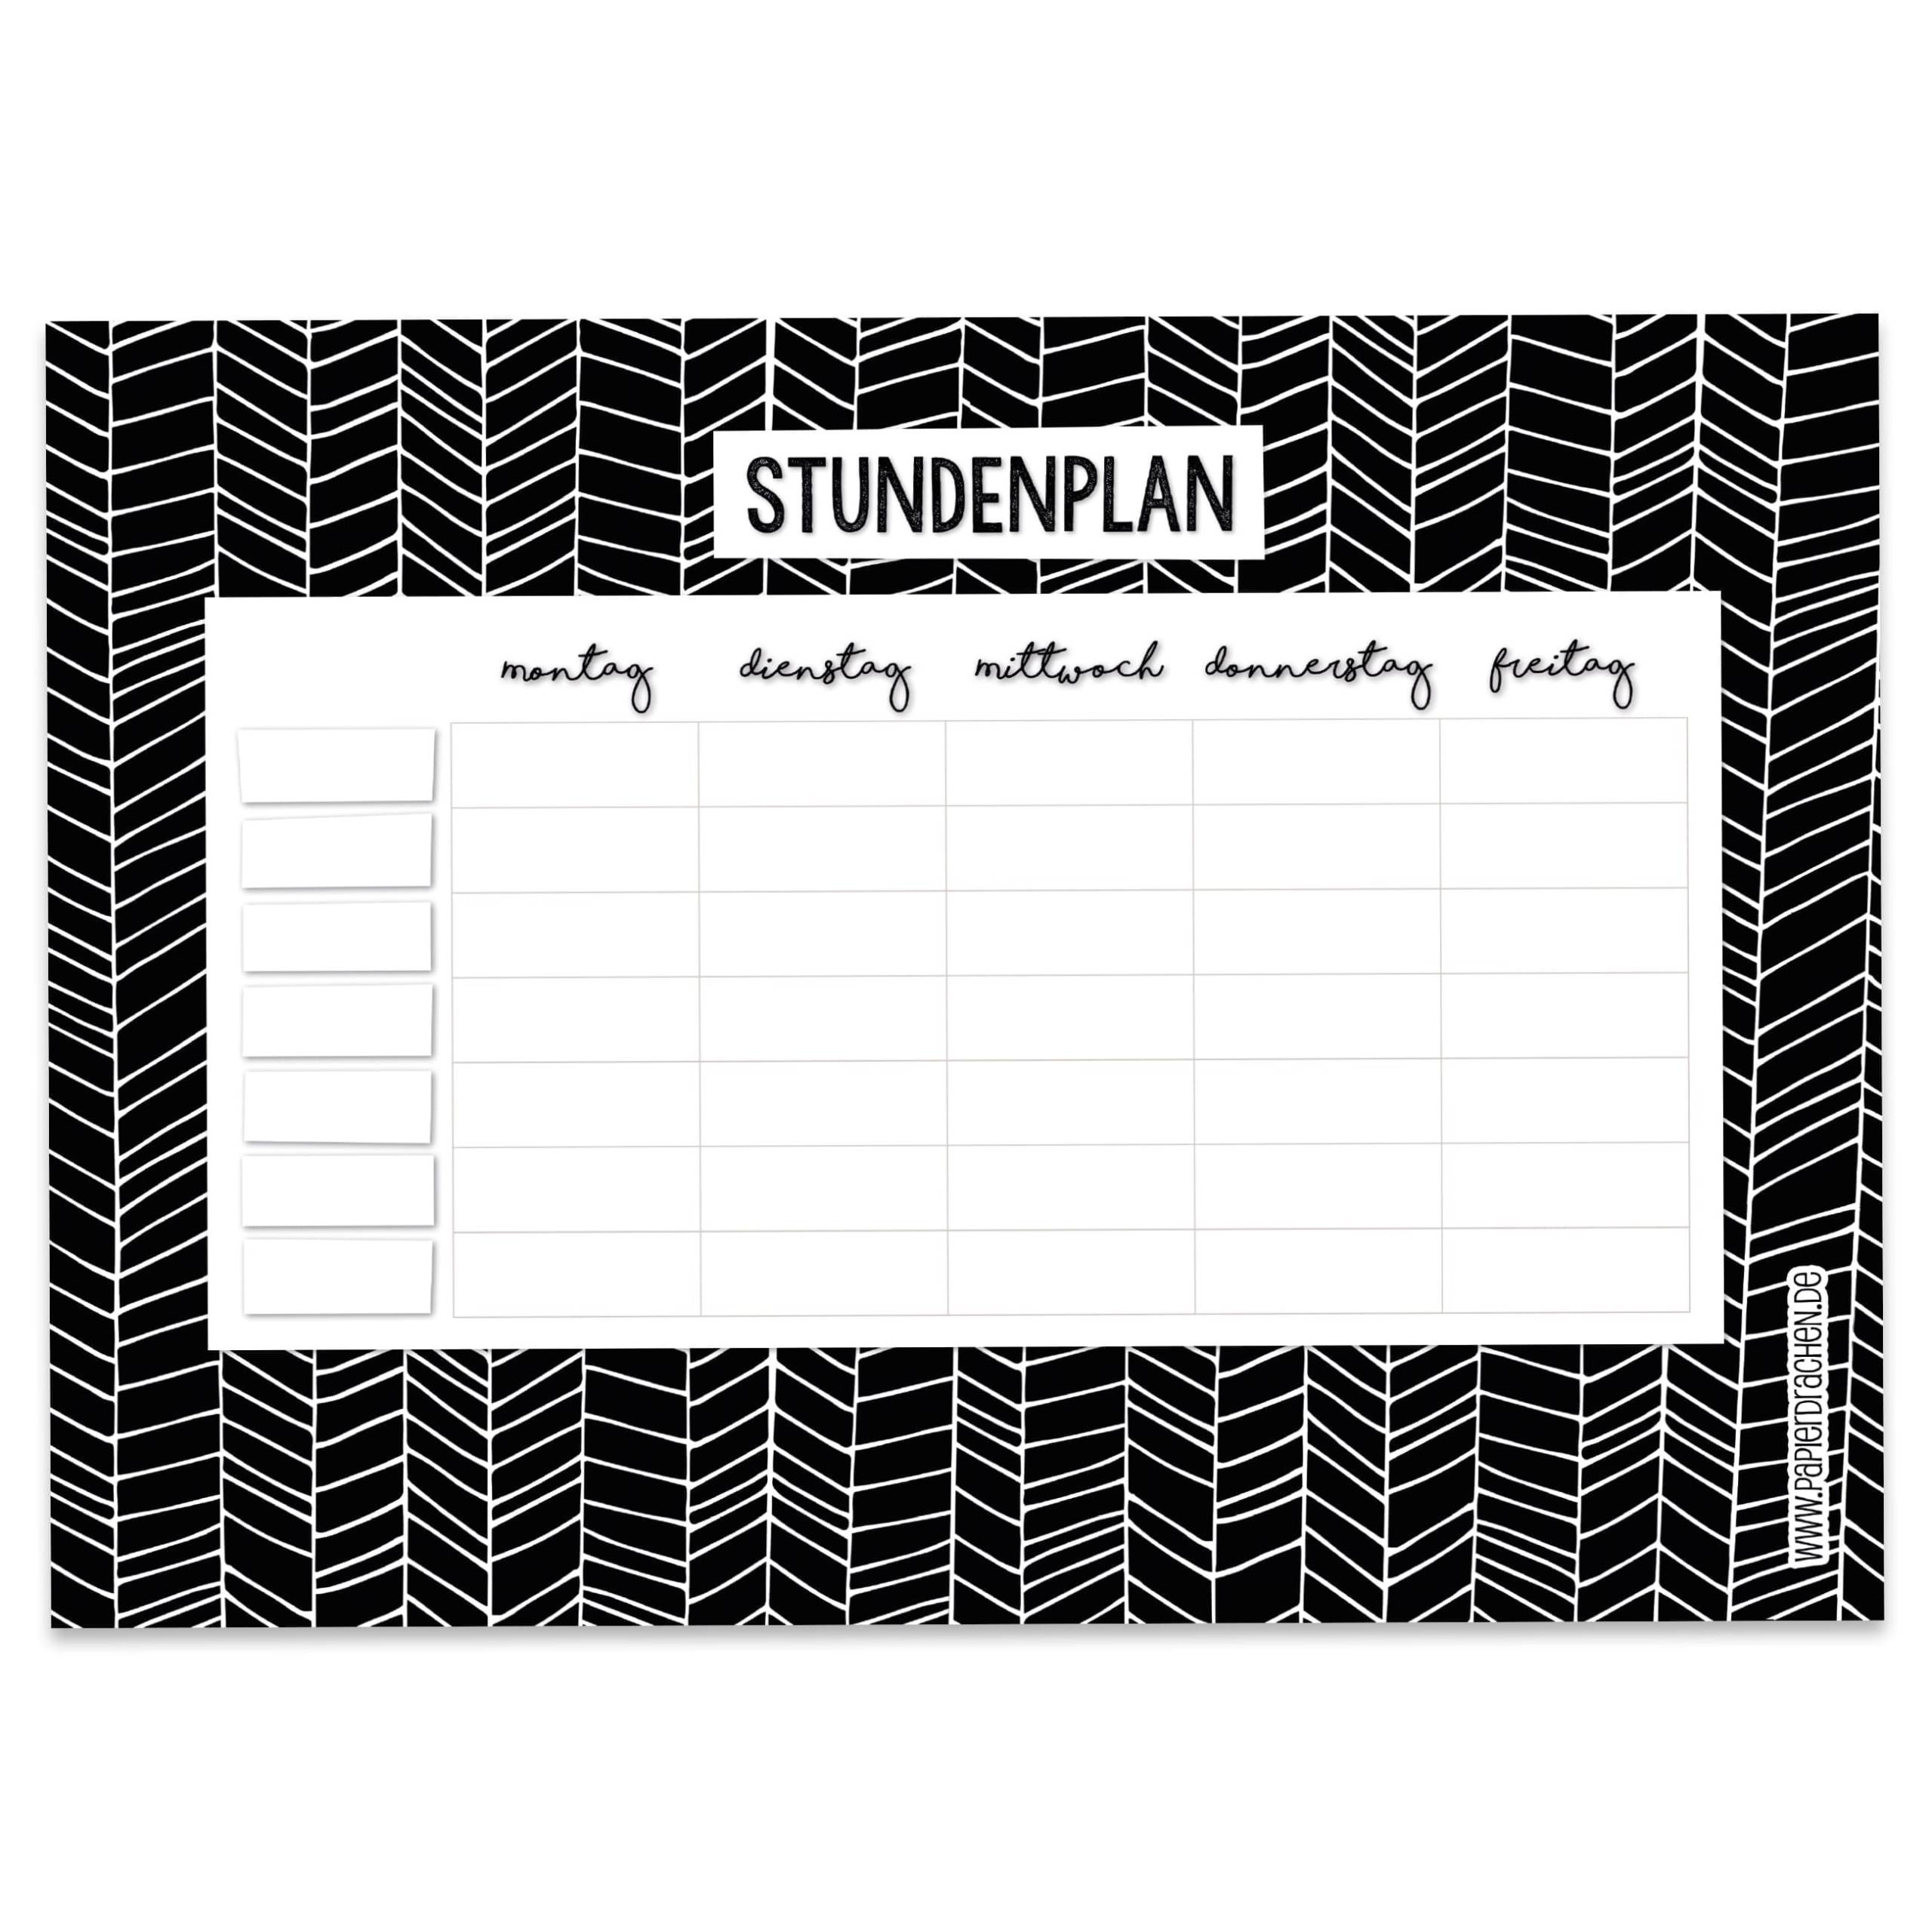 stundenplan block din a4 - schwarz-weiß - papierdrachen